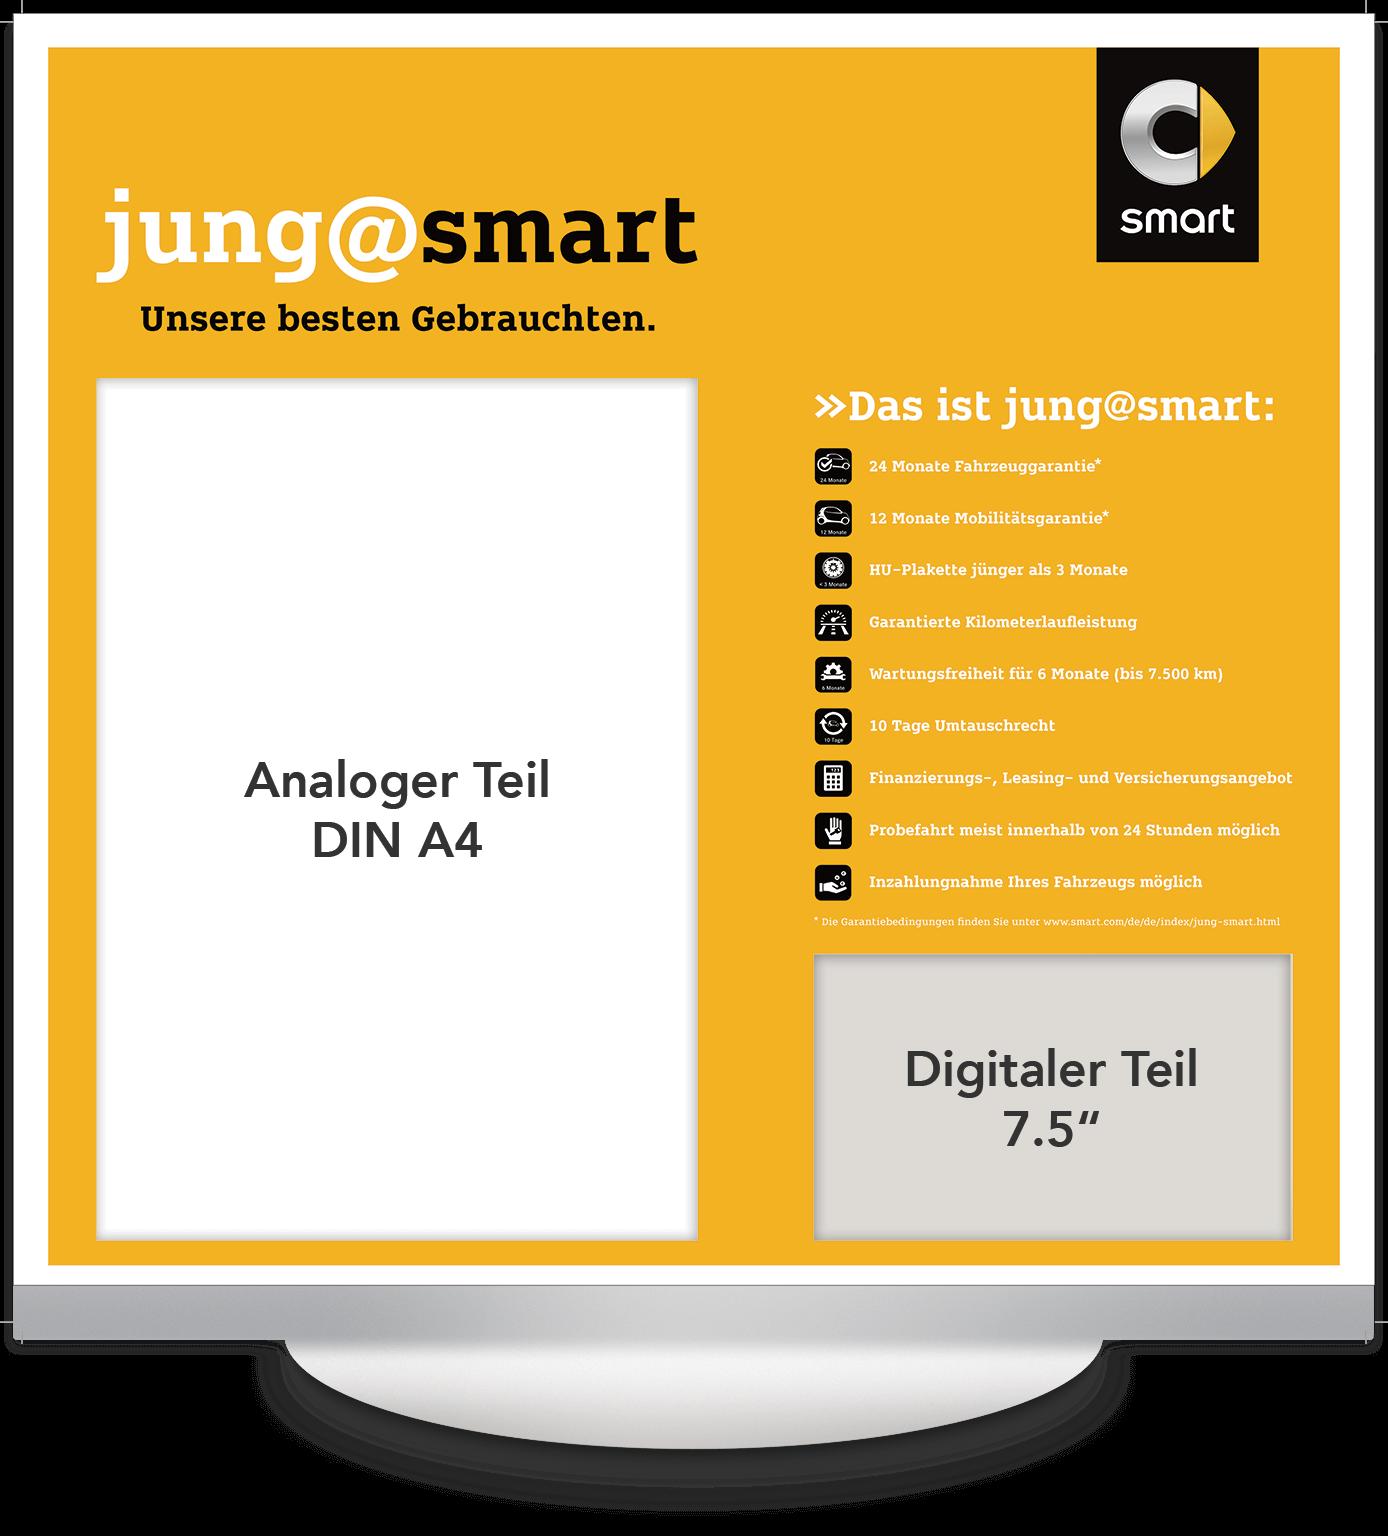 Elektronisches Preisschild 7.5 Zoll Smart Jung@Smart Design